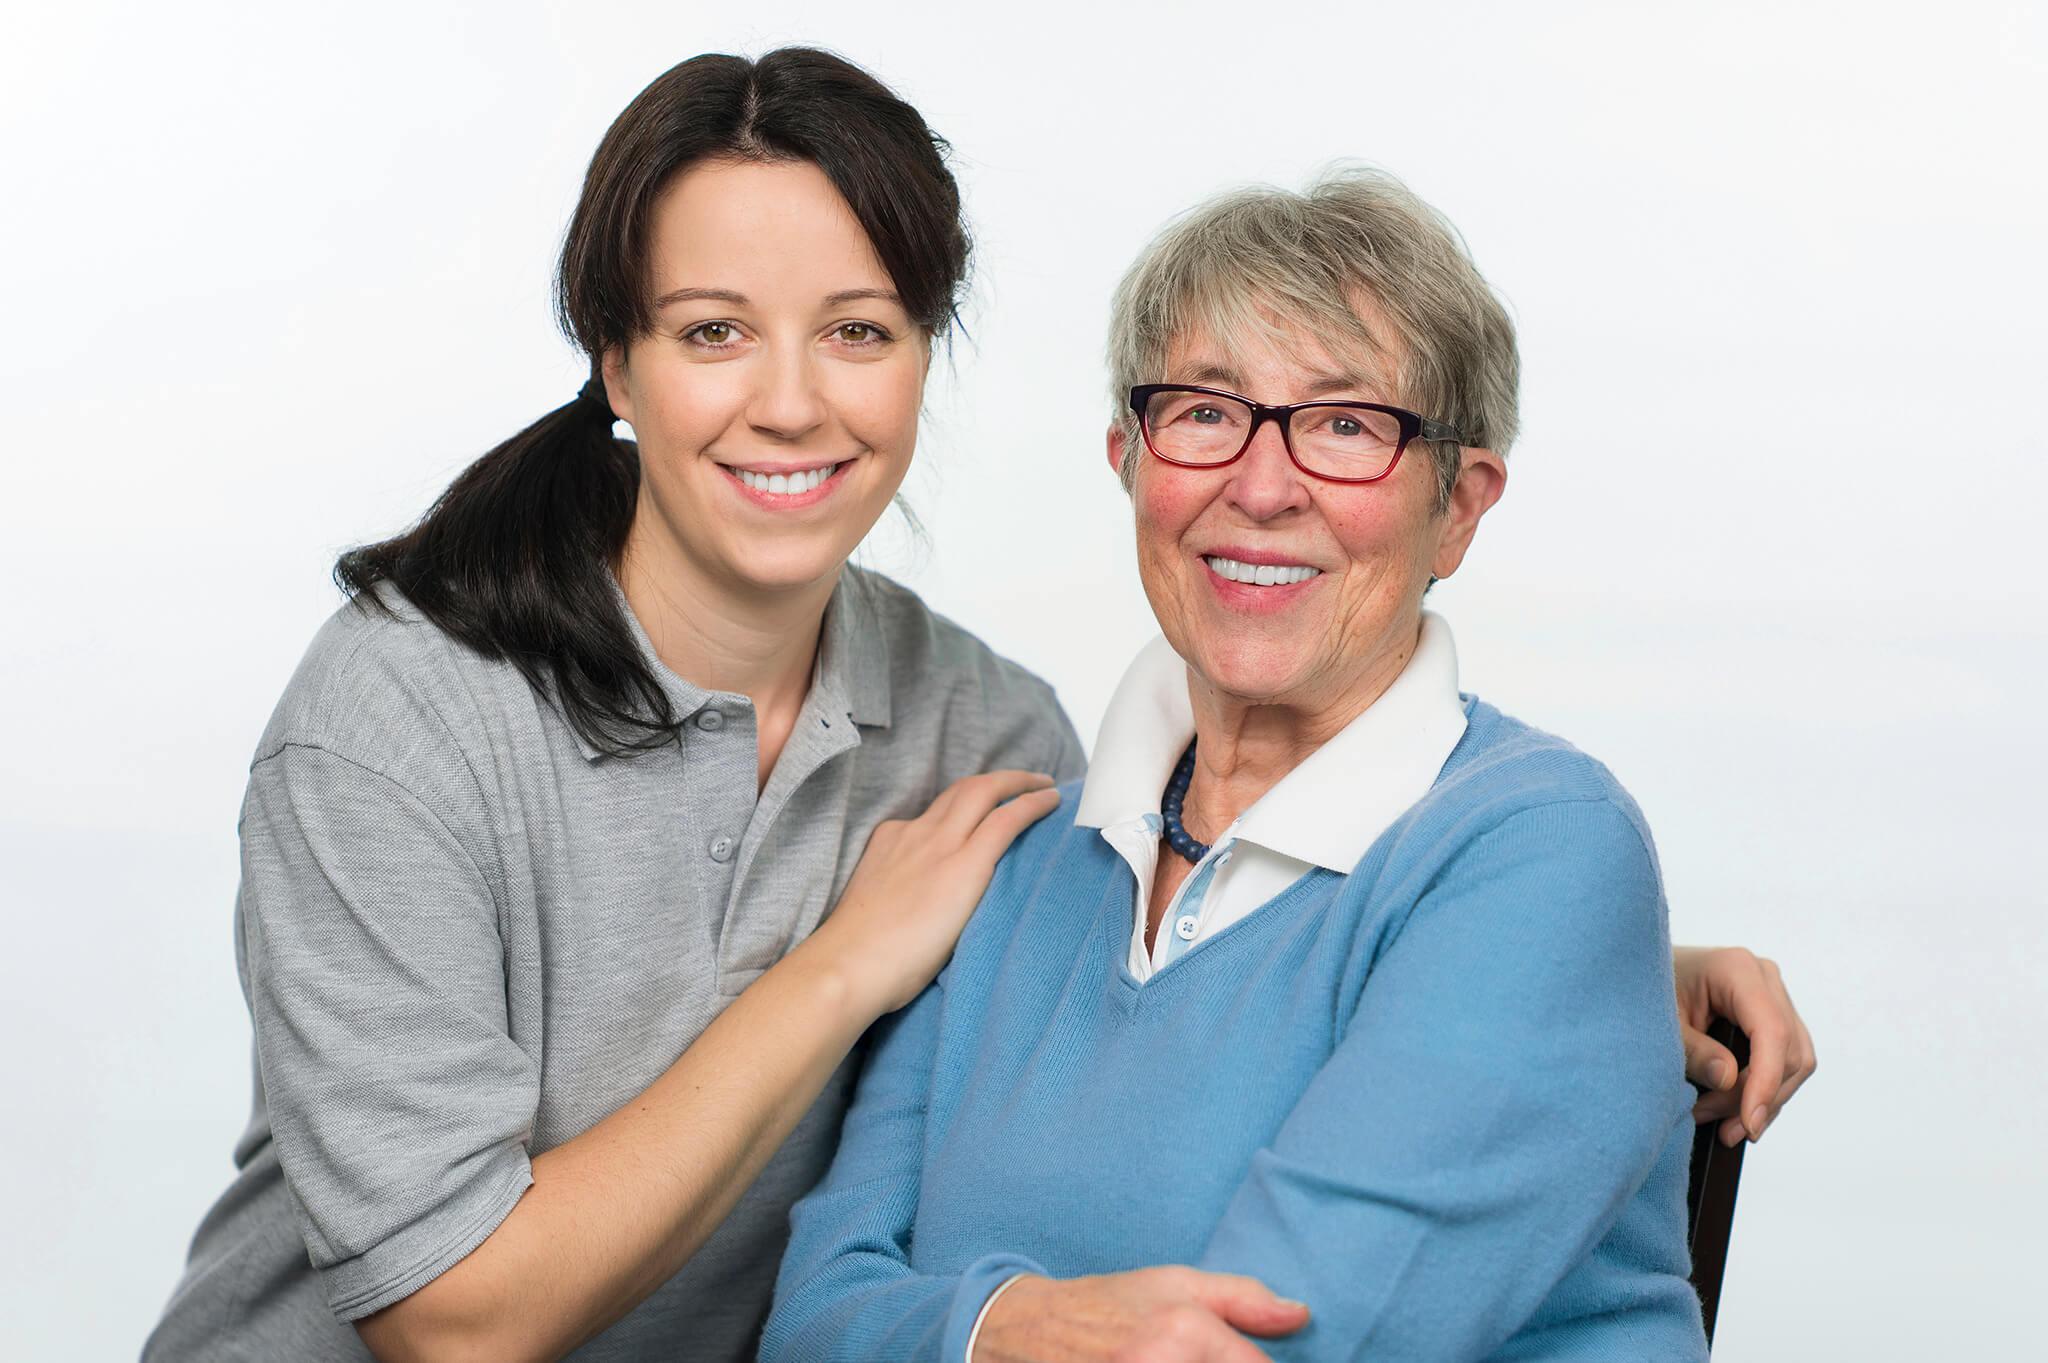 Der größte Teil der Pflegebedürftigen ist derzeit älter als 65 Jahre.